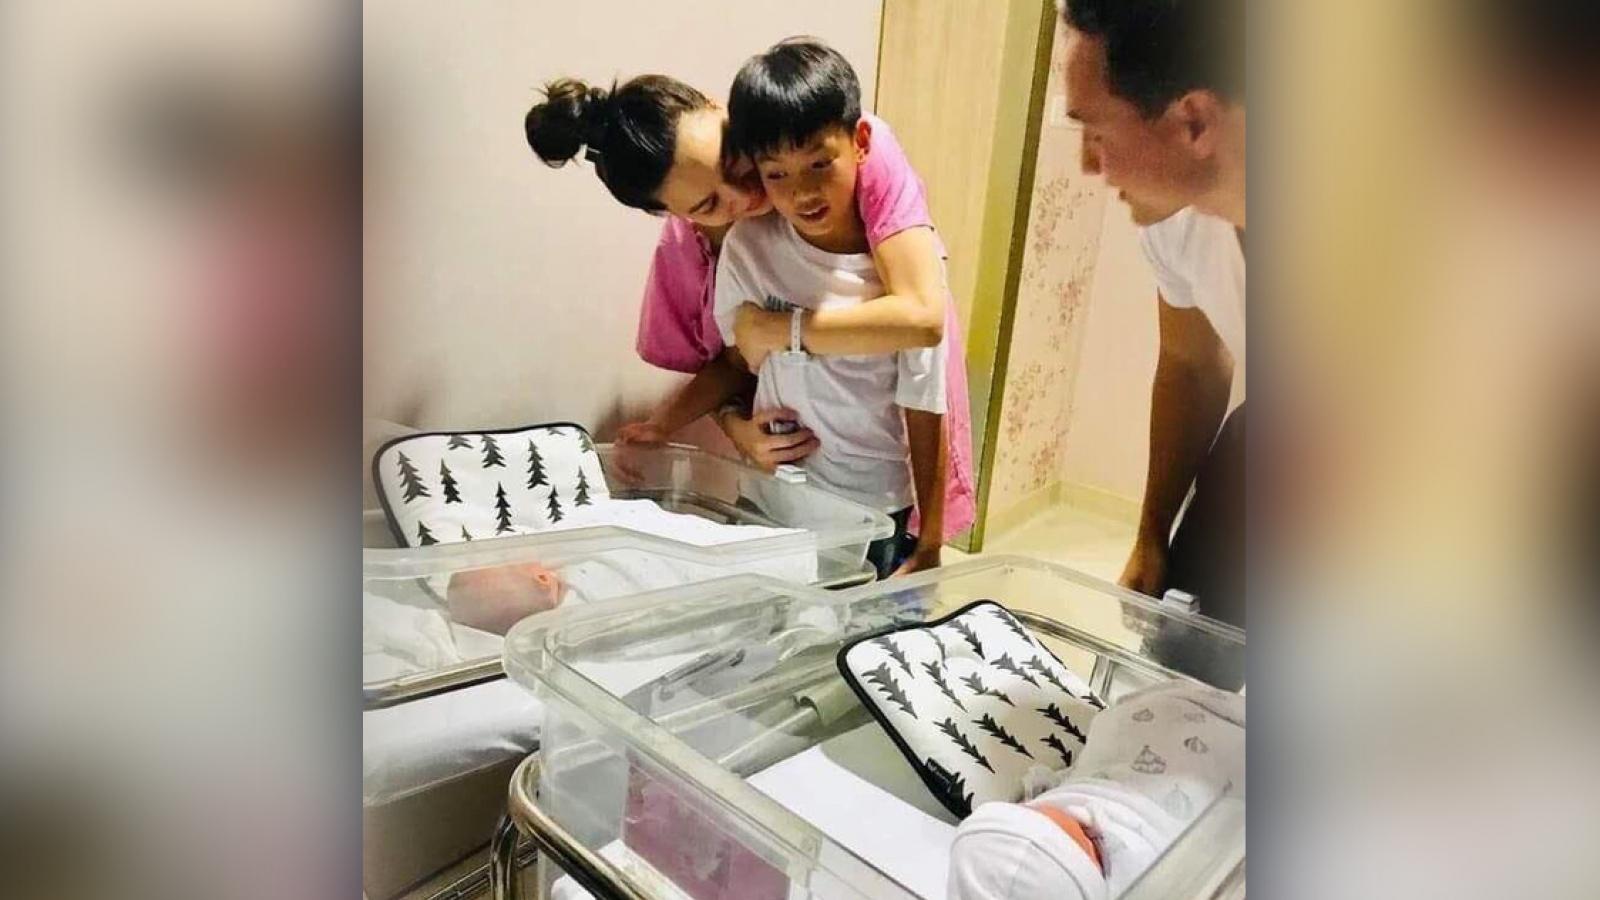 Chuyện showbiz: Hé lộ hình ảnh đầu tiên của gia đình Hà Hồ - Kim Lý